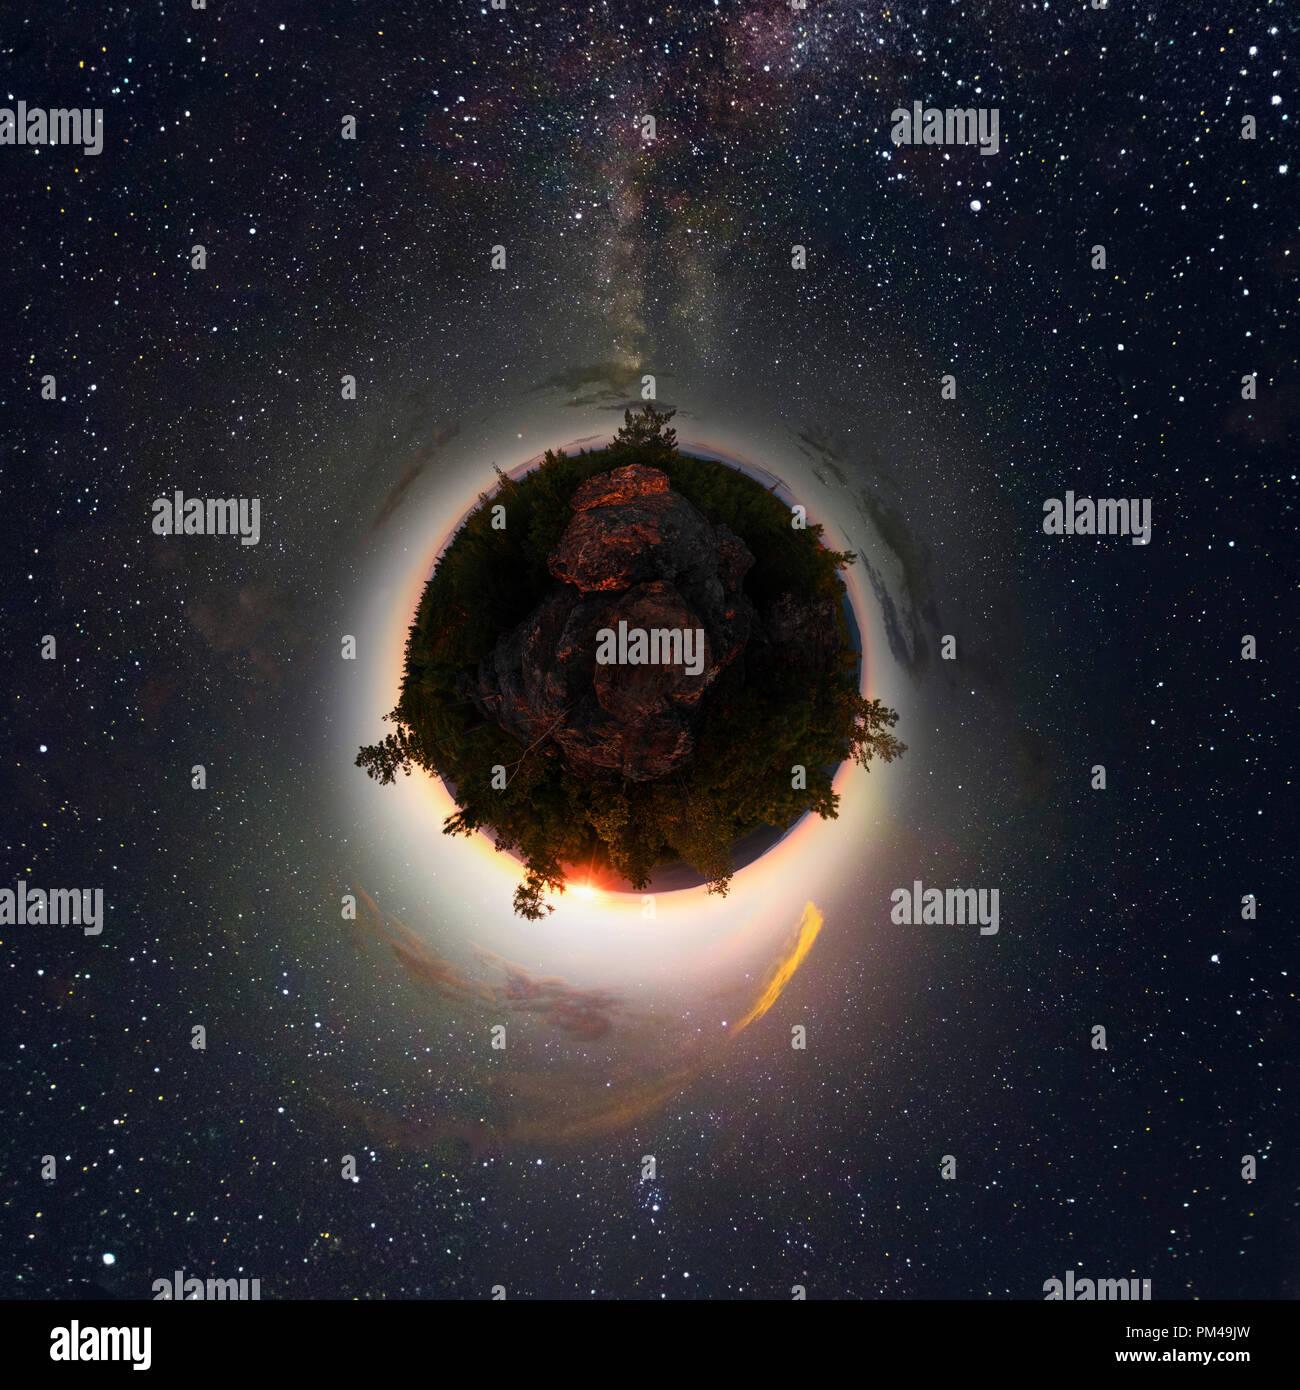 Amanecer en el bosque bajo el cielo estrellado de una vía láctea. Pequeño planeta 360. Foto de stock